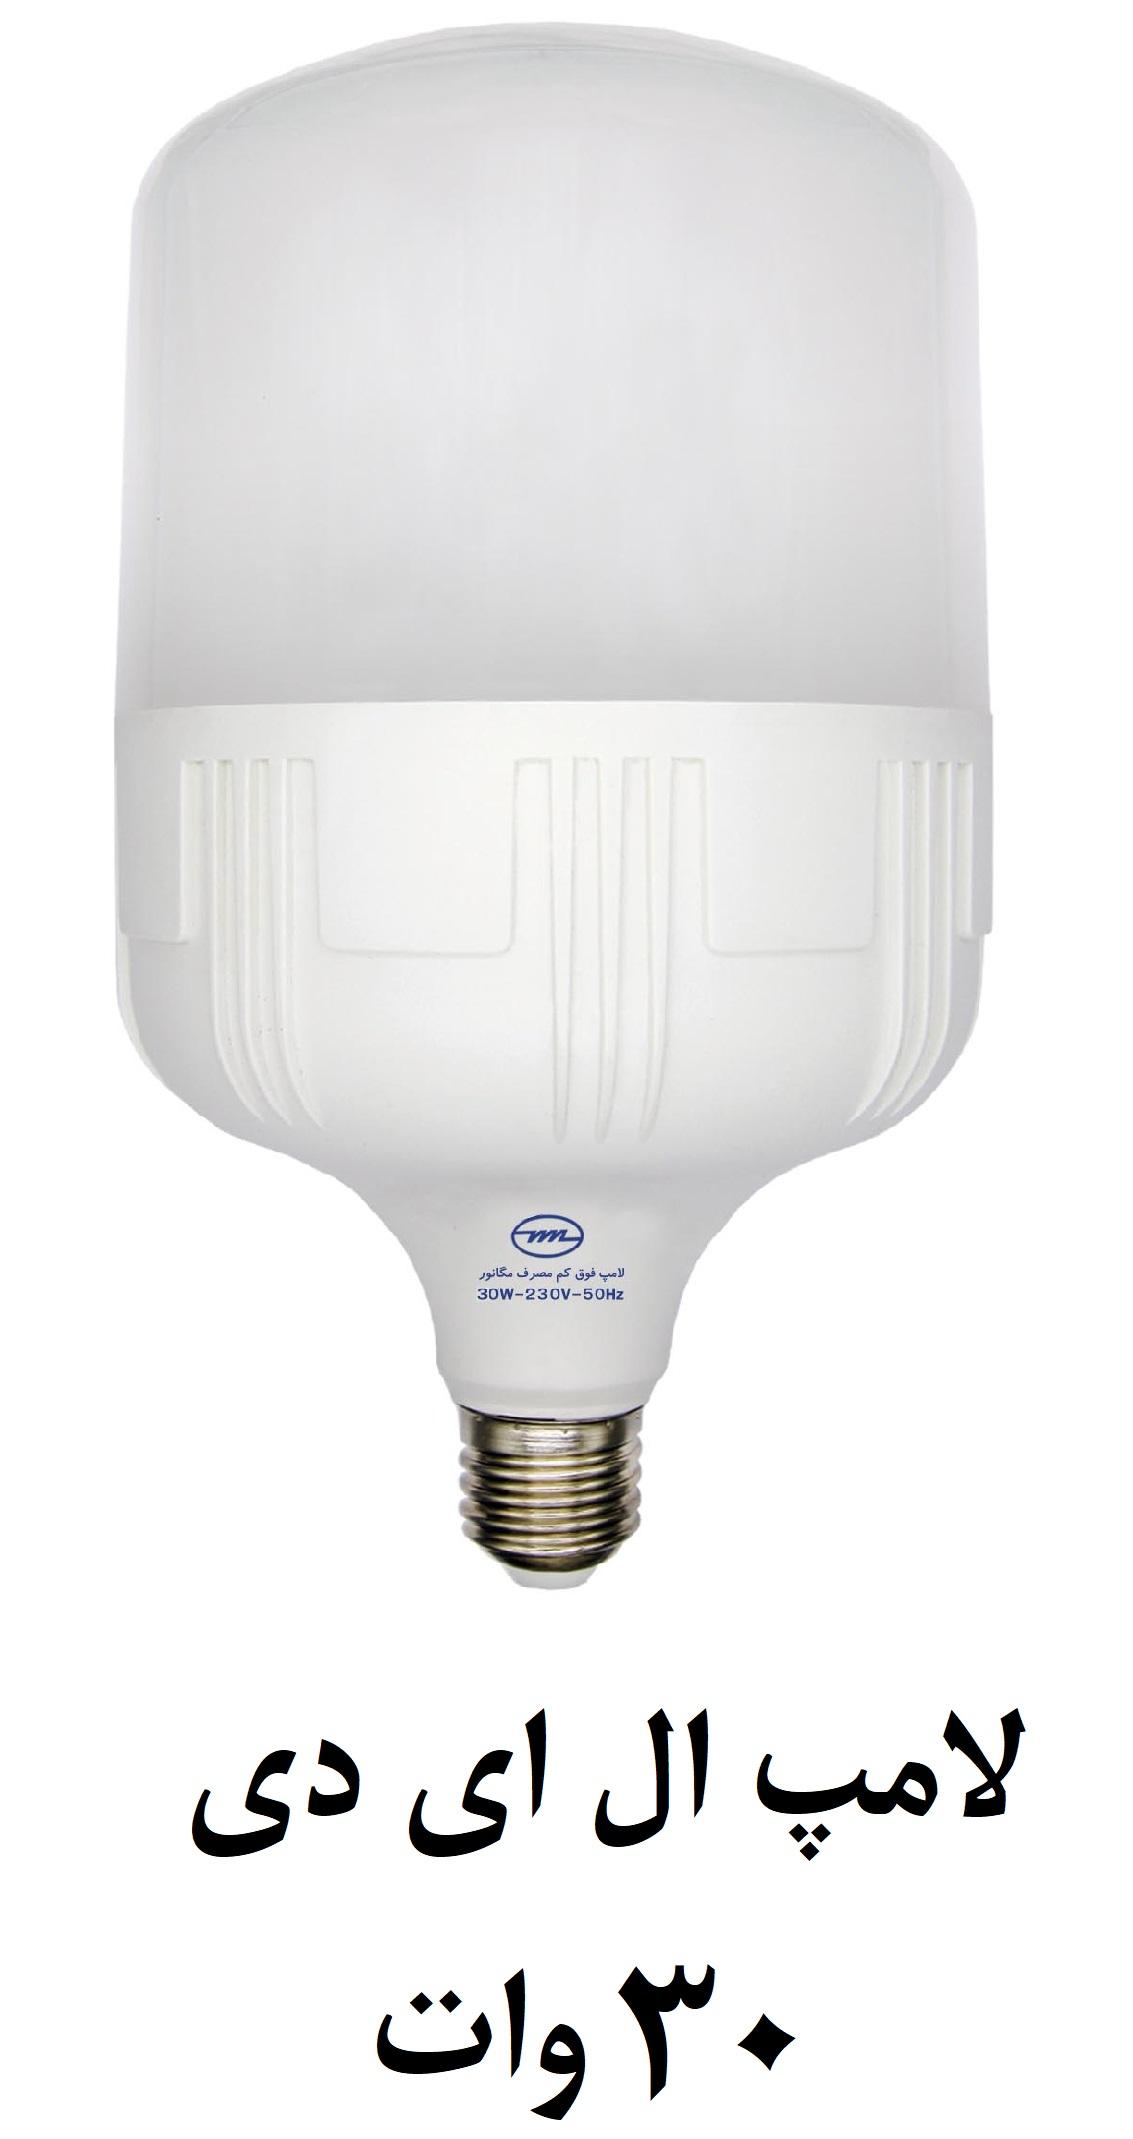 لامپ 30 وات led